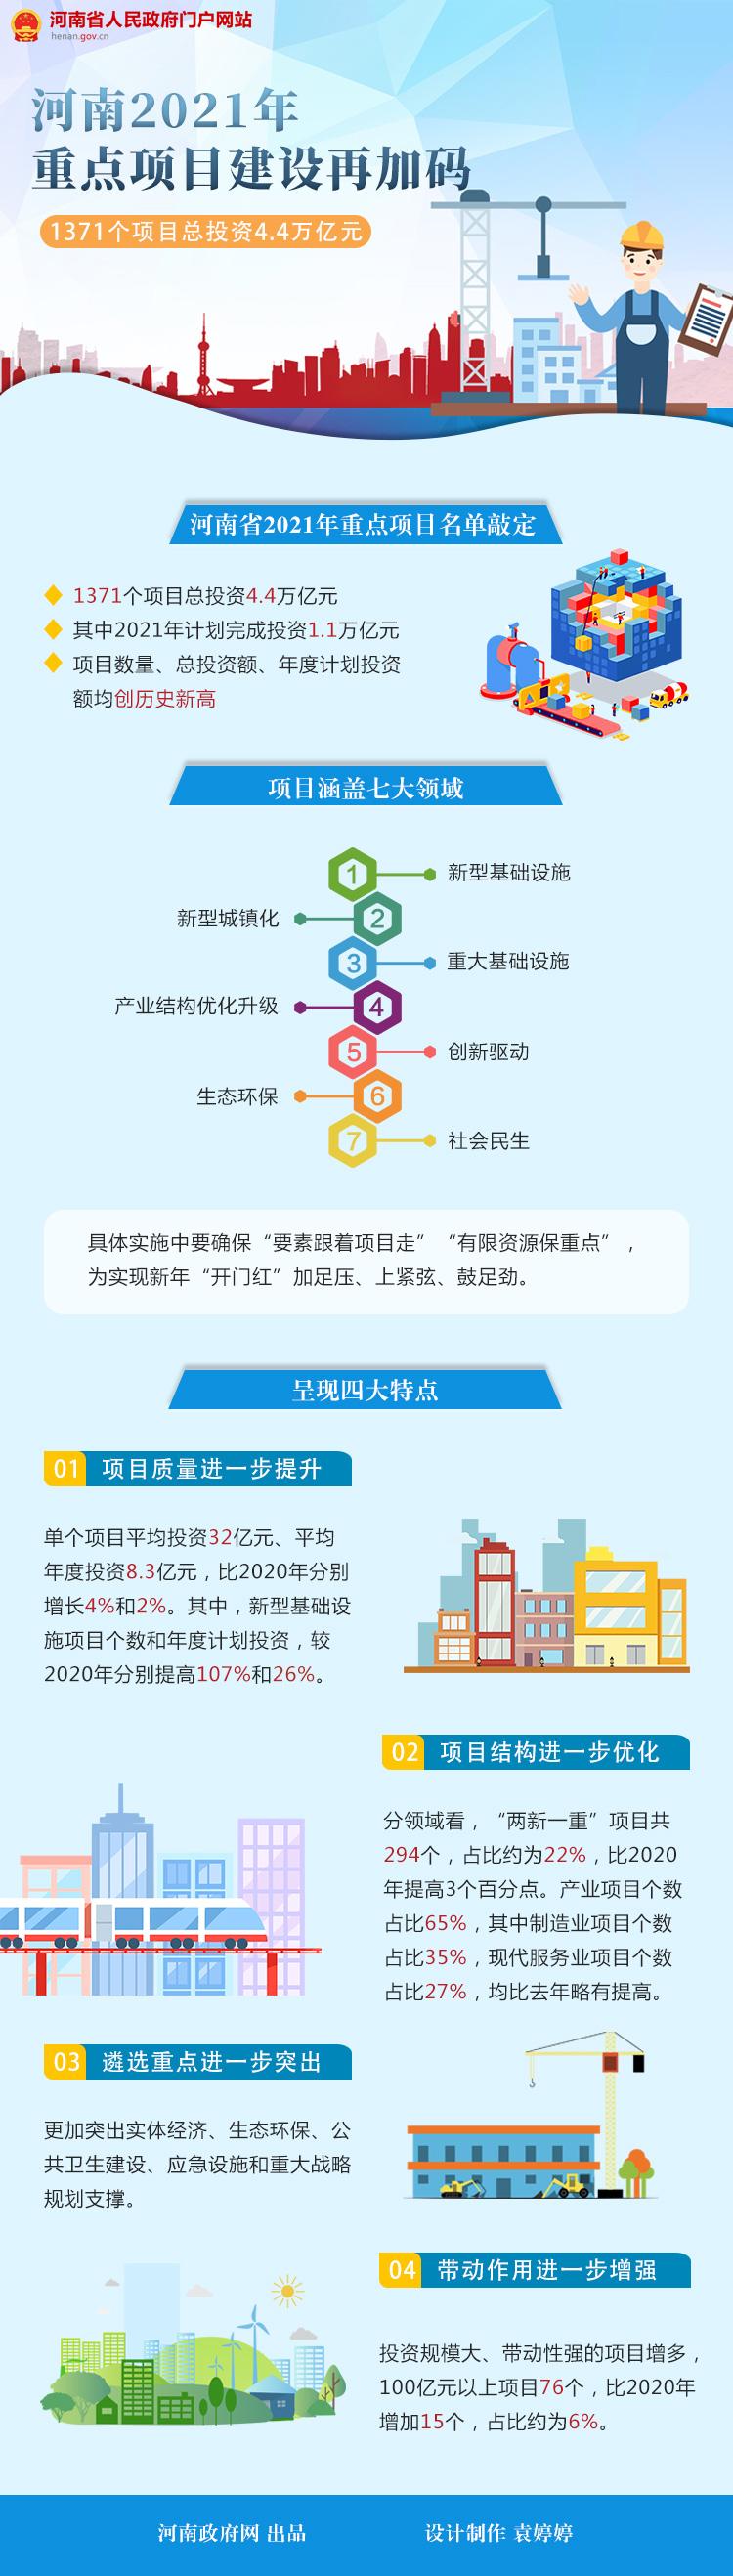 图解:河南省2021年重点项目建设再加码